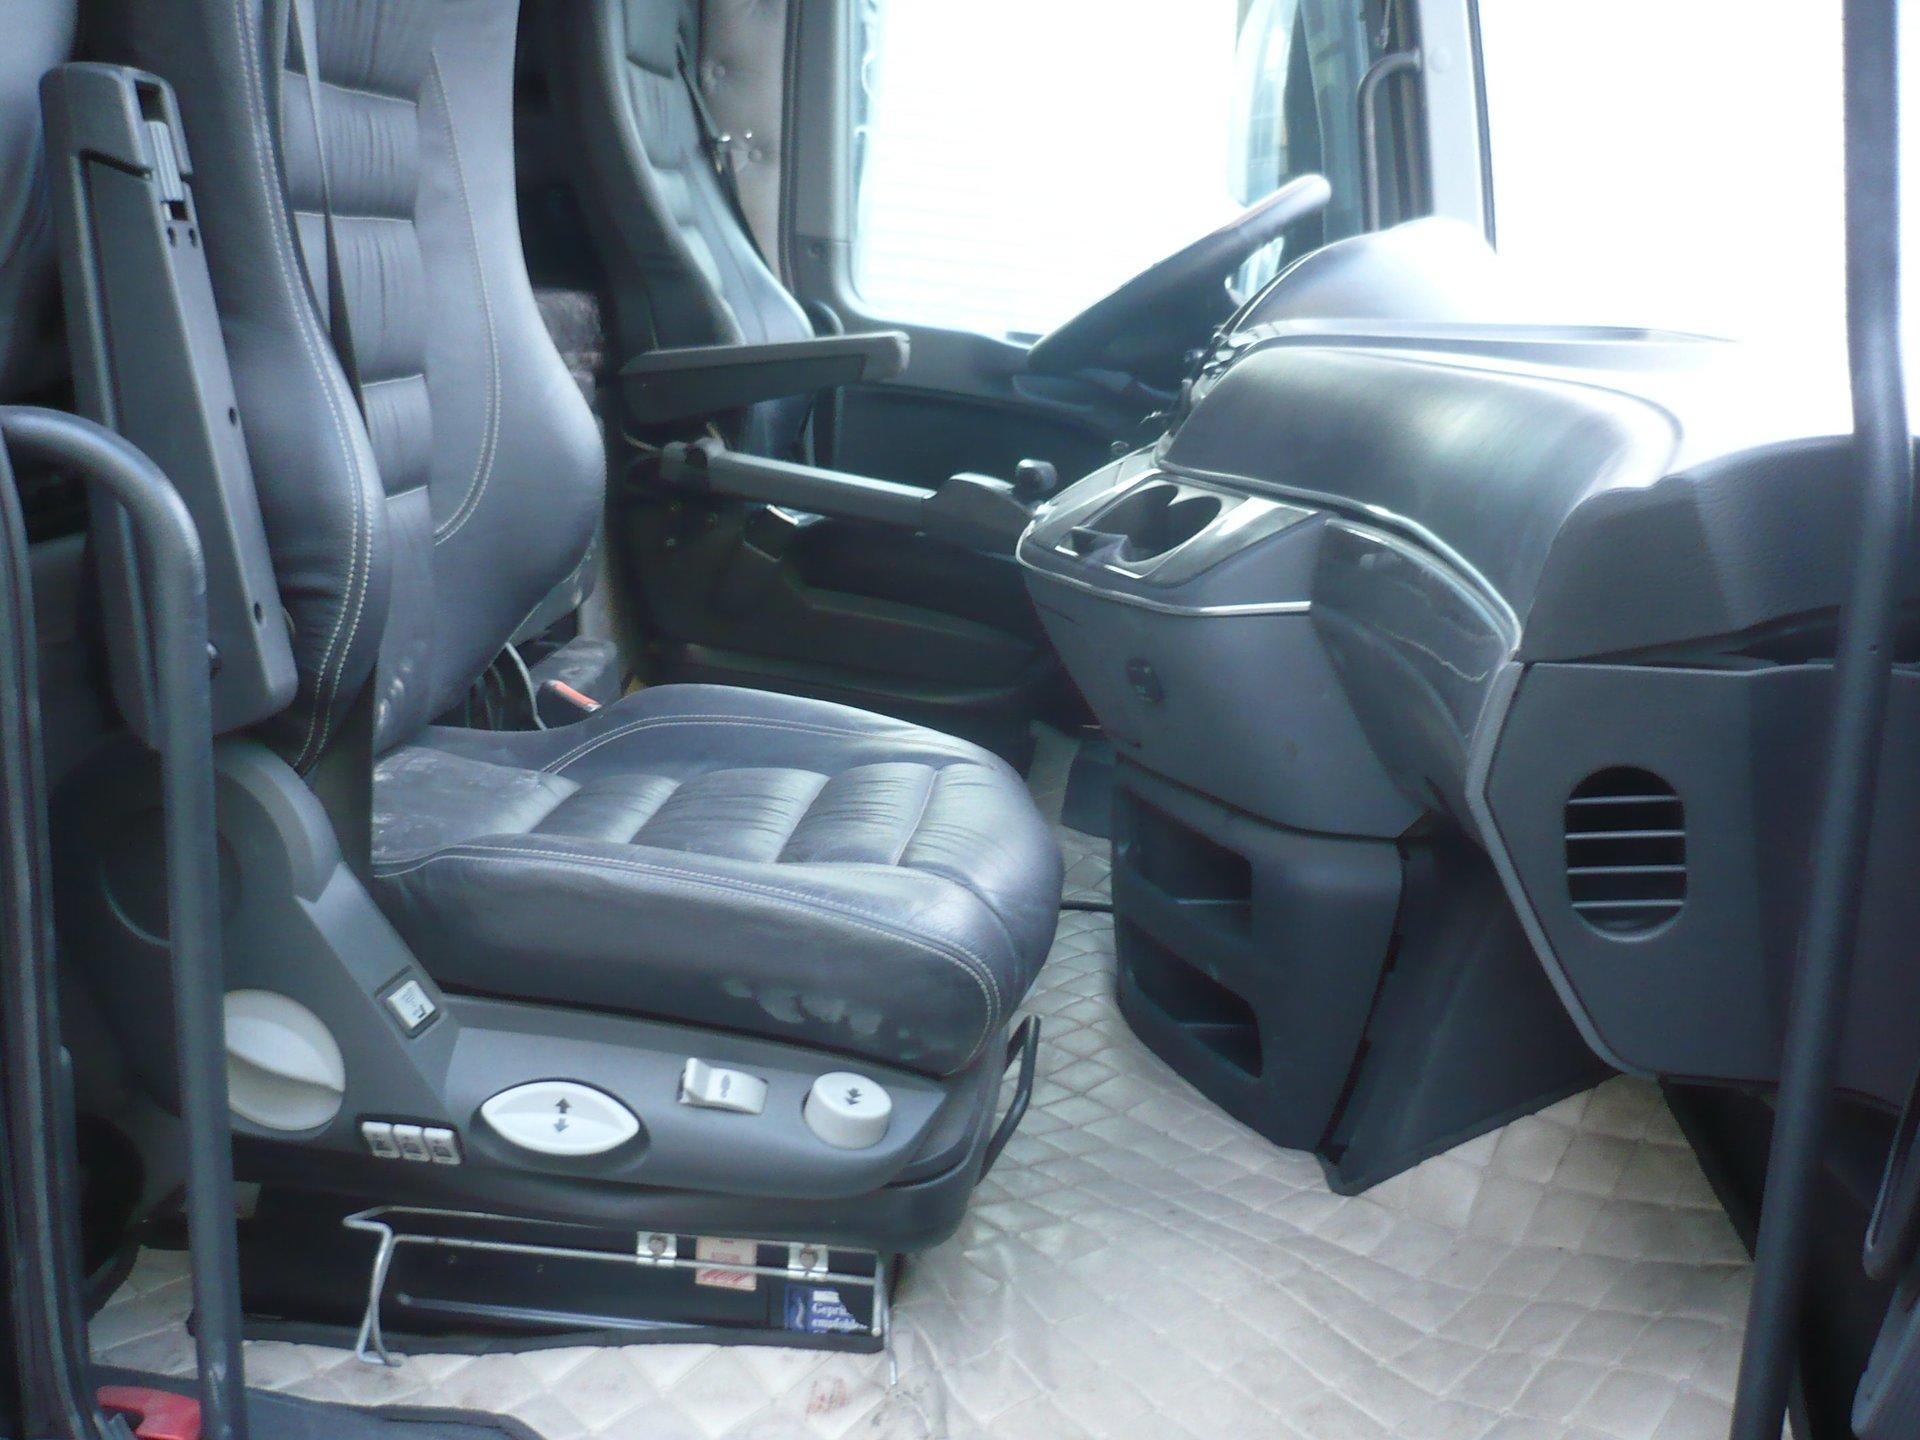 Cabina Volvo Fh Globetrotter 1999 Completa